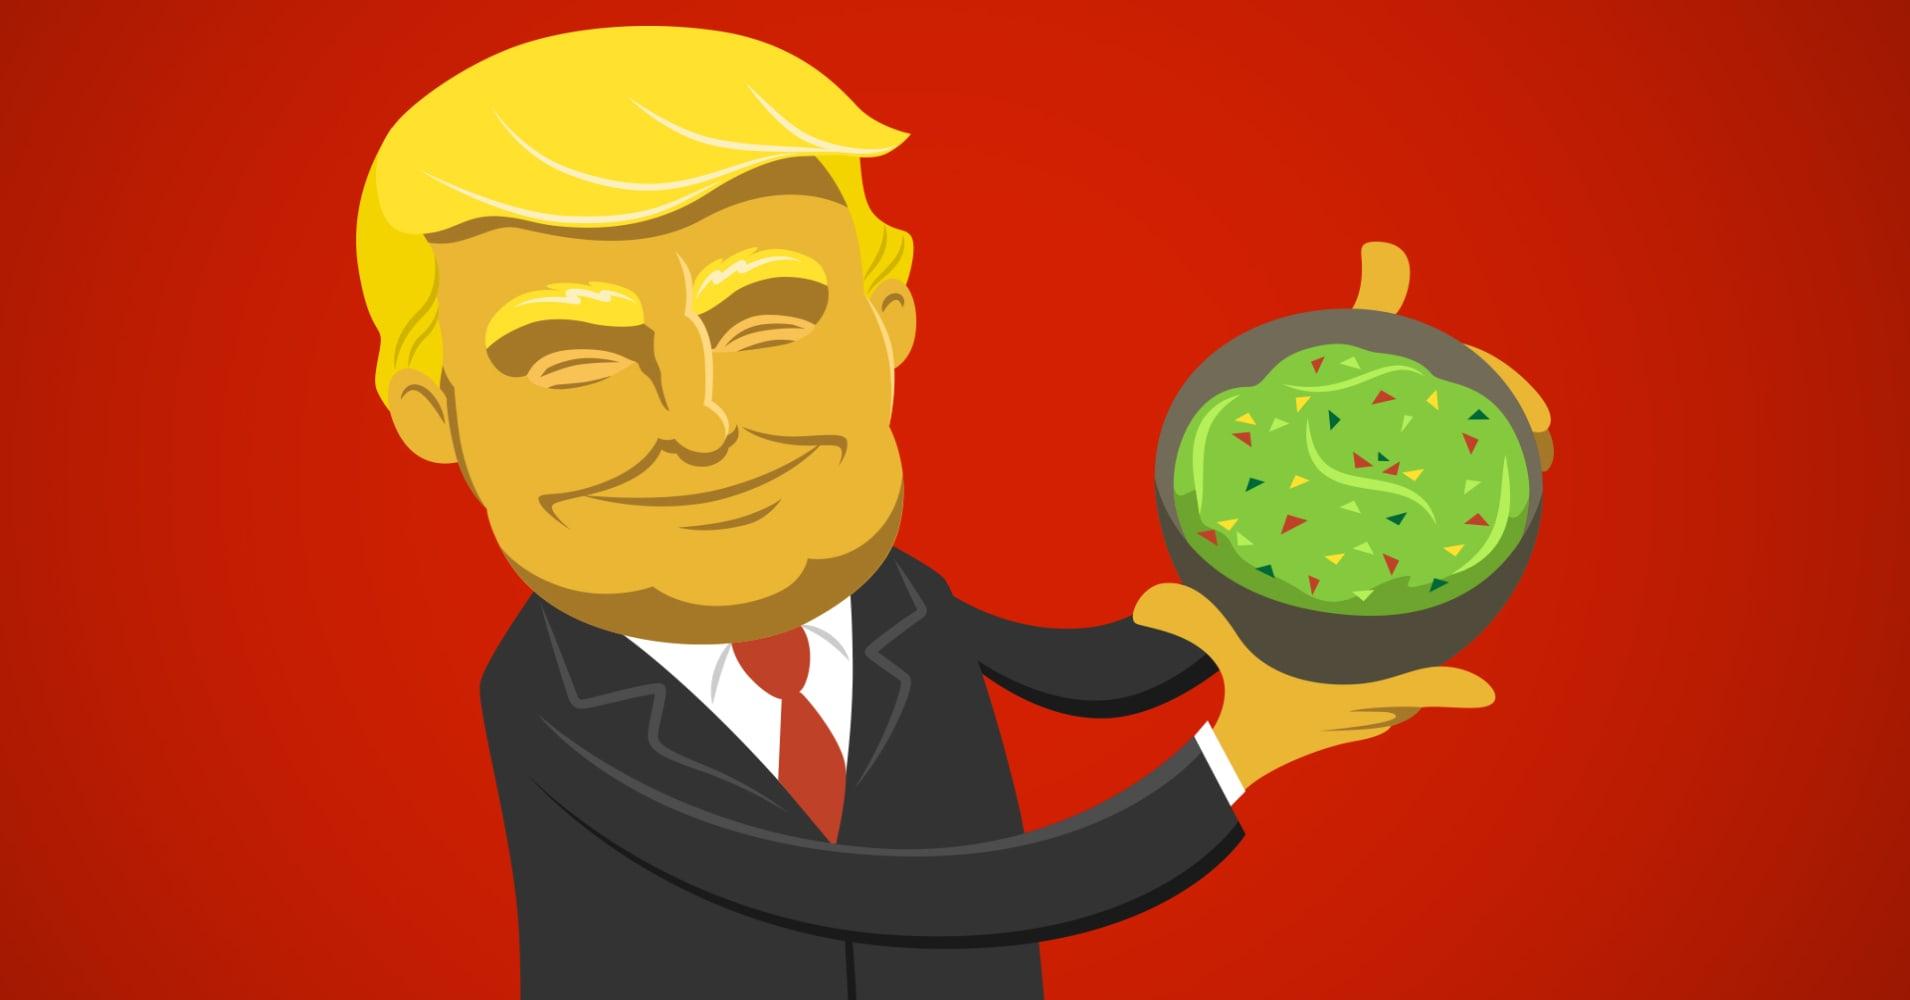 Will Trump Bring The Guacamole